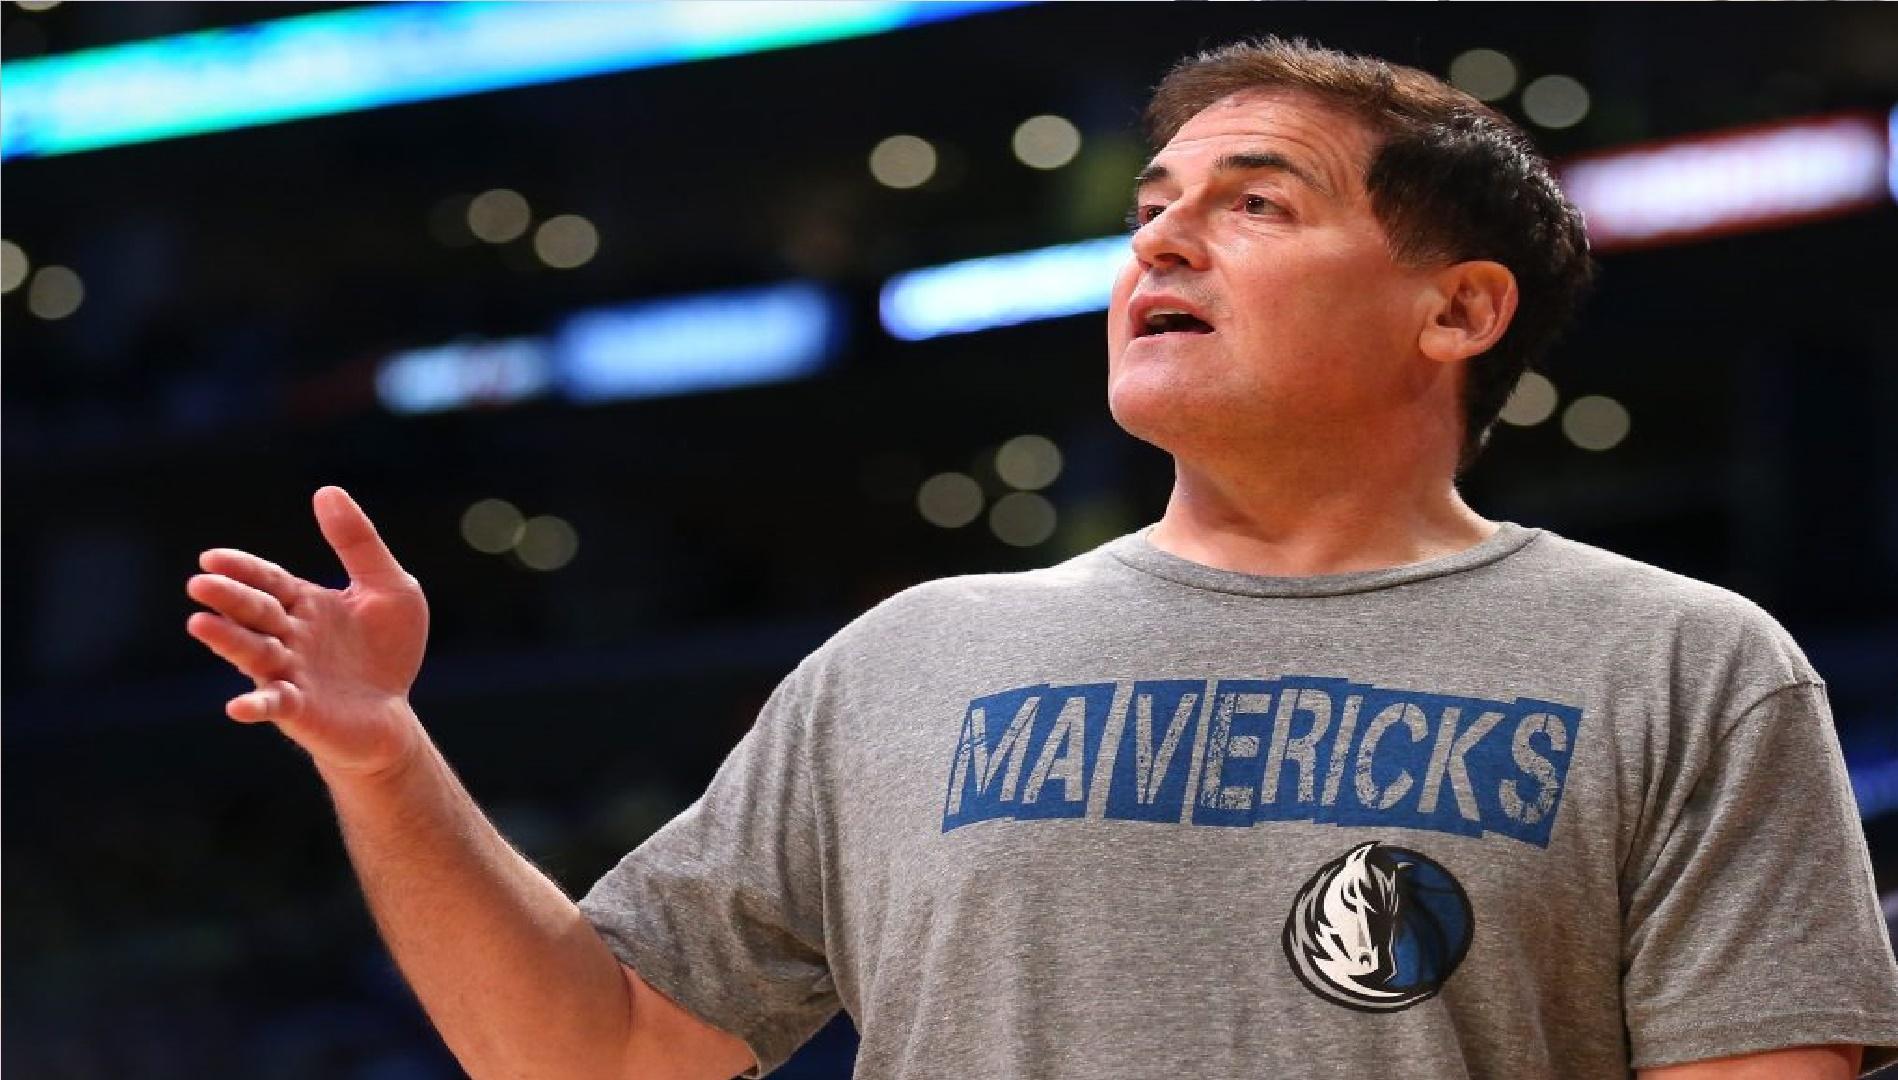 Mark Cuban dona 10 millones de dólares por conducta inapropiada en los Mavericks